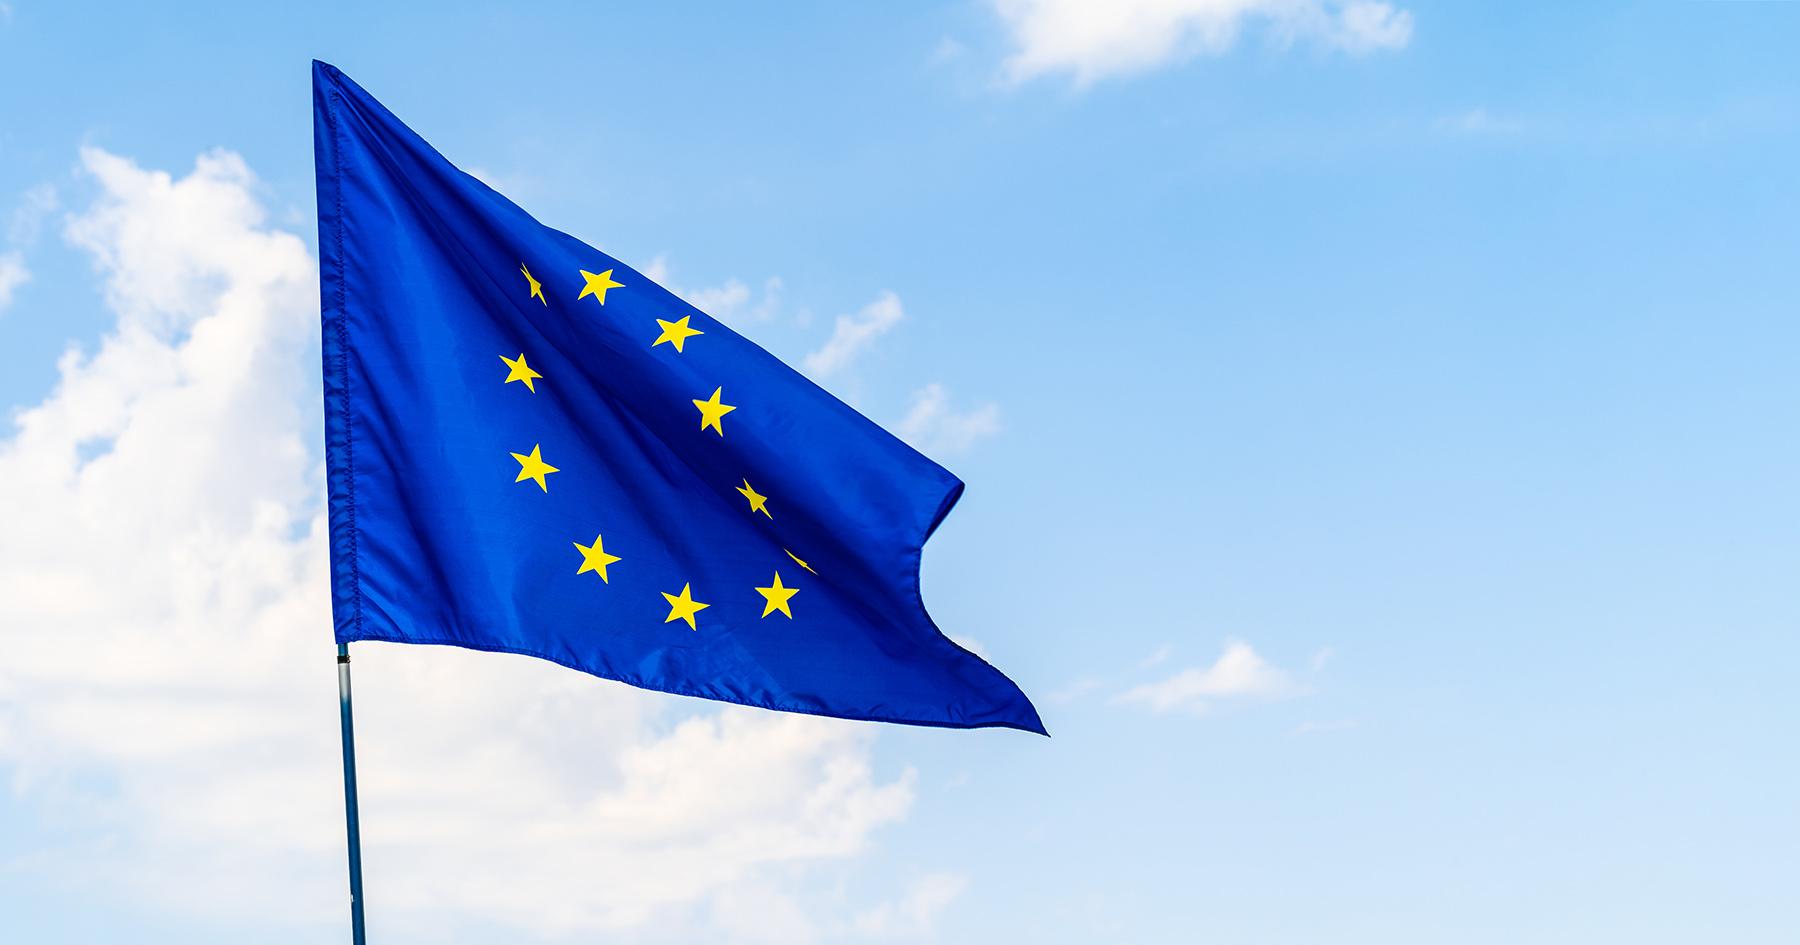 آیا می خواهید دسترسی سریع به بازار معاملات اروپا داشته باشید؟ چرا تابعیت اتحادیه اروپا راه حل شماست را اینجا بخوانید.